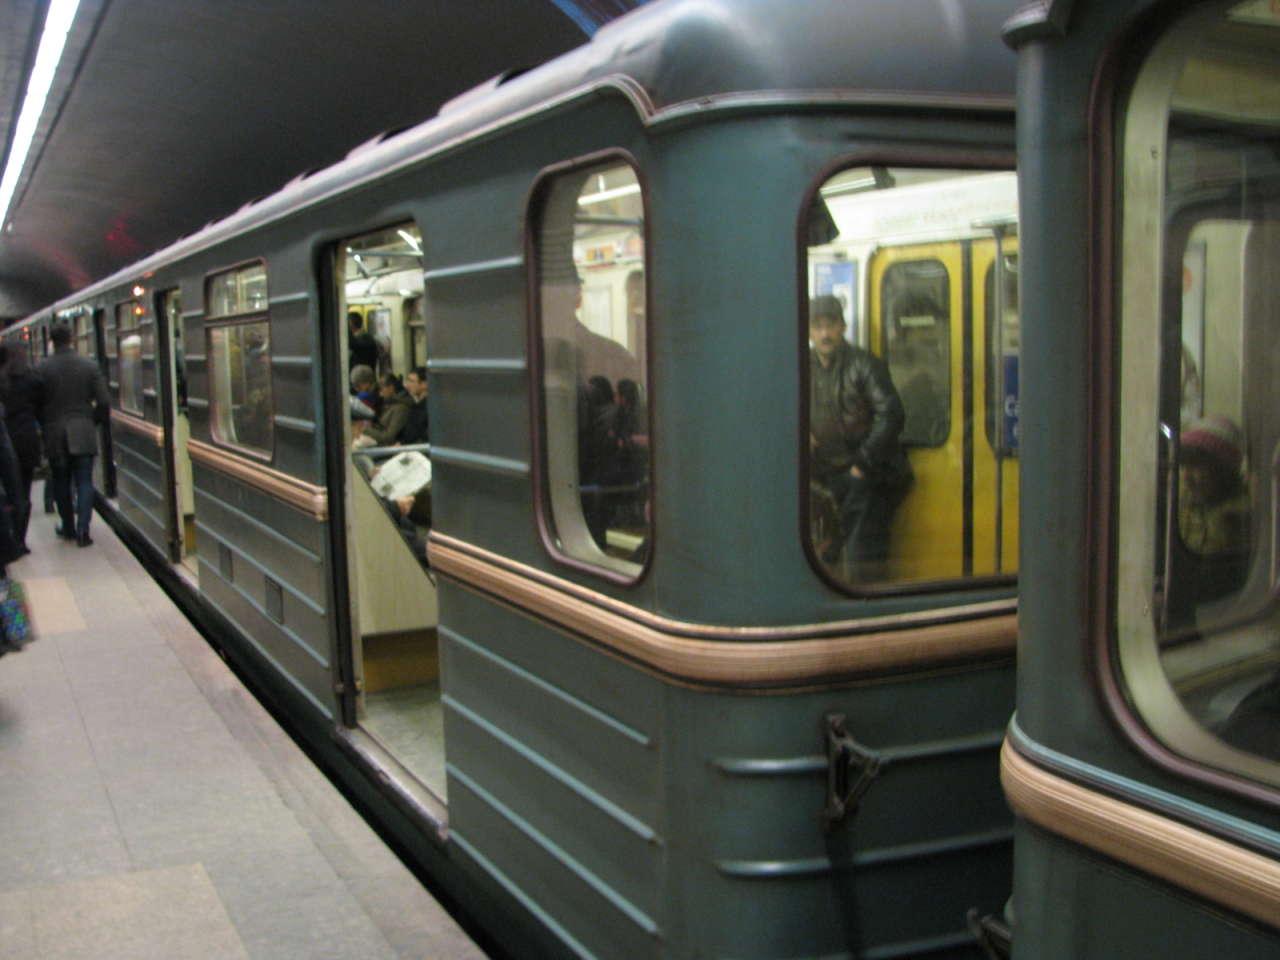 Metroda qatarda nasazlıq yarandı, stansiyalarda sıxlıq yaşandı